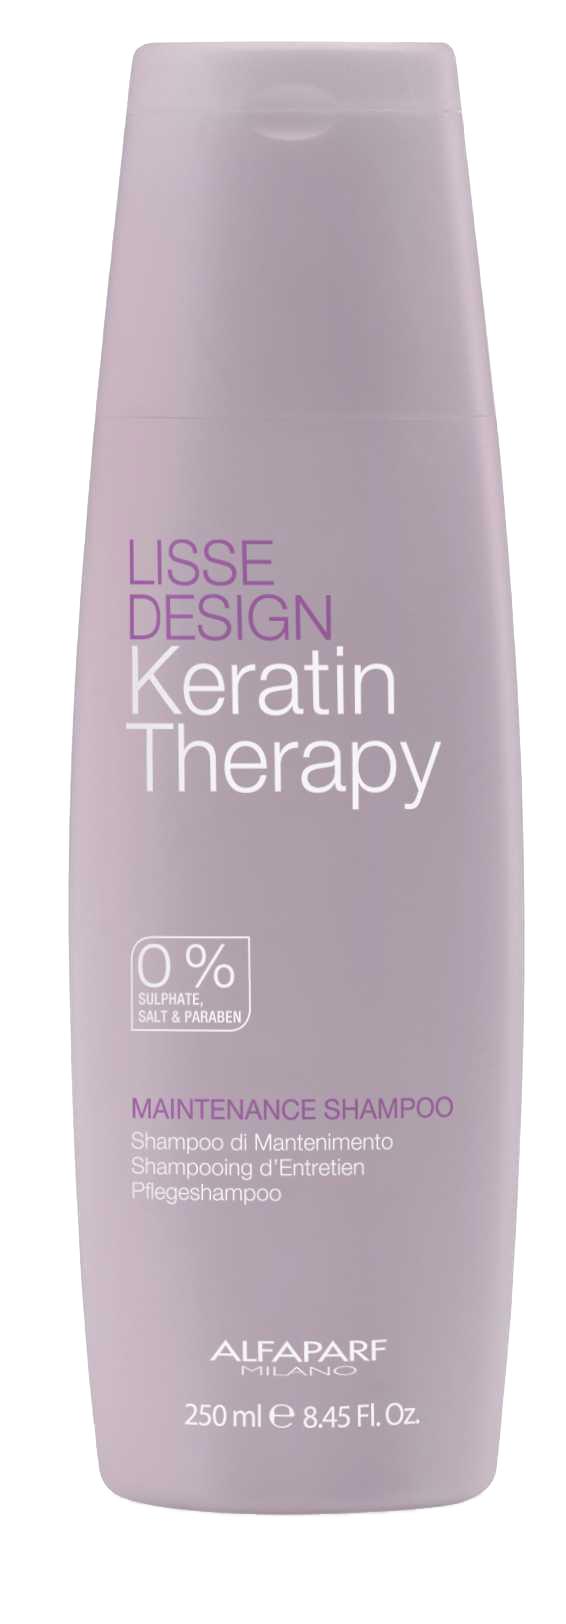 Alfaparf Milano Keratin Therapy Udržující šampon na domácí použití 250ml